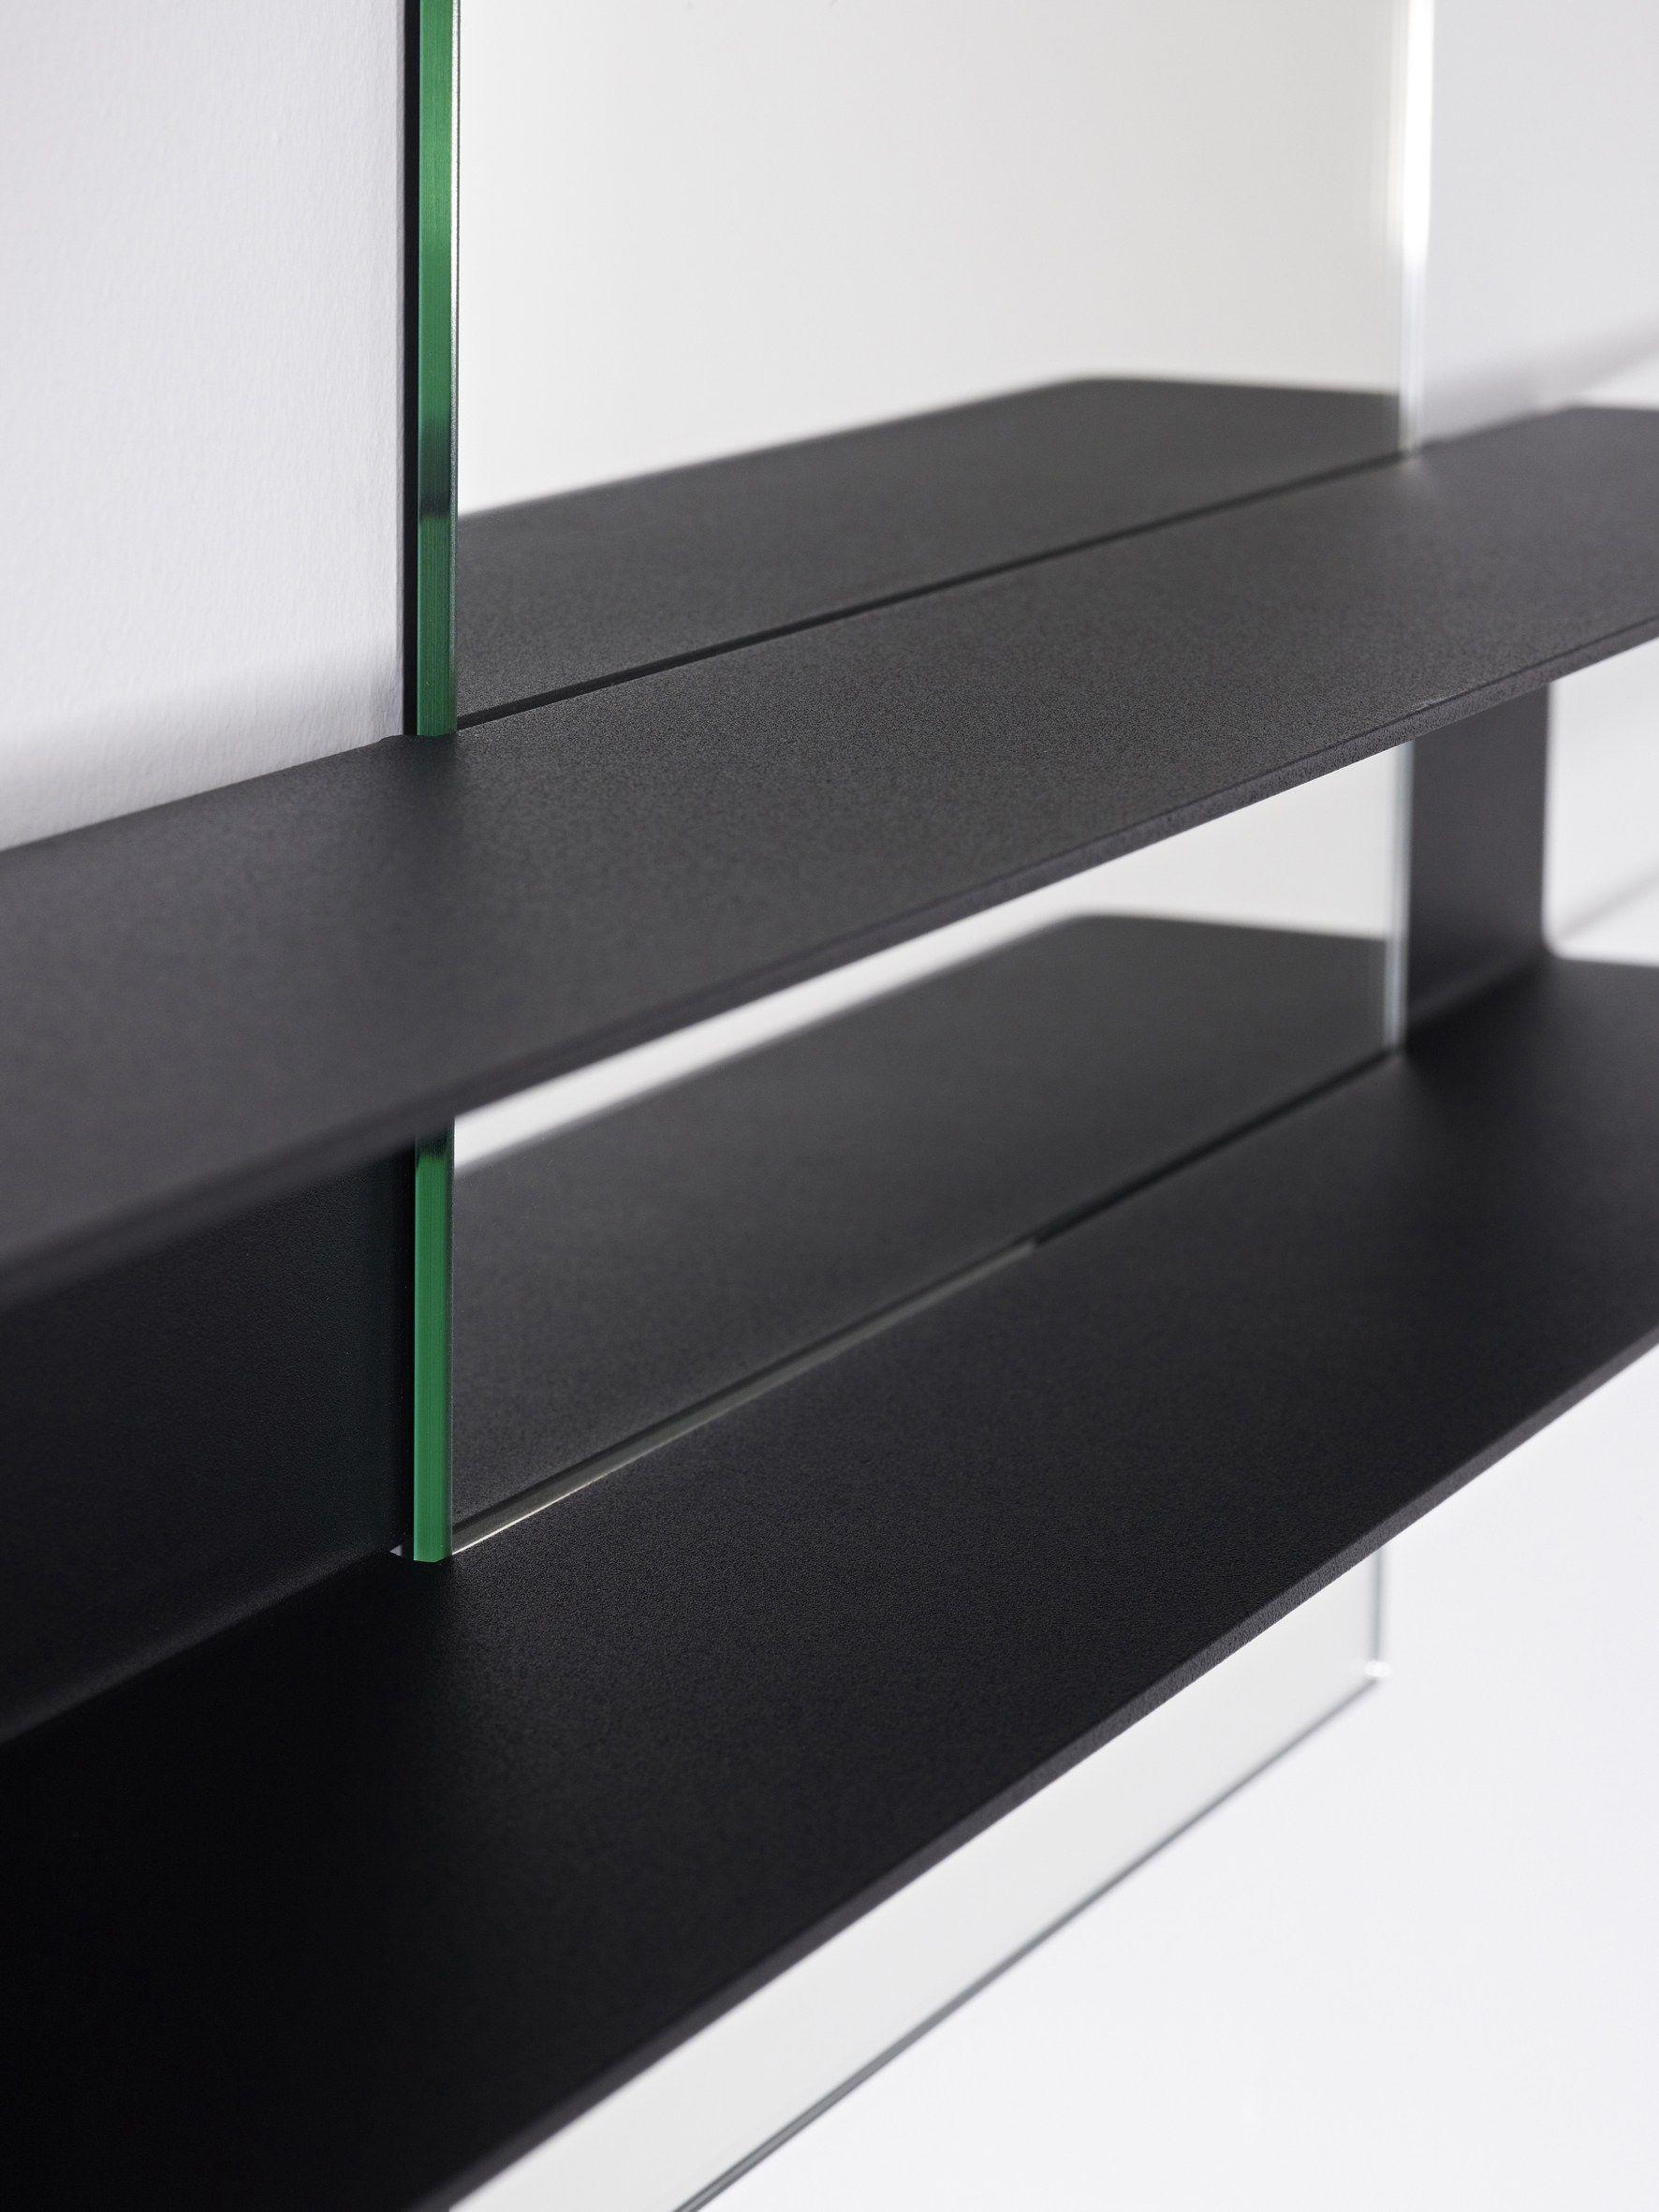 miroir contemporain pour salle de bain. Black Bedroom Furniture Sets. Home Design Ideas